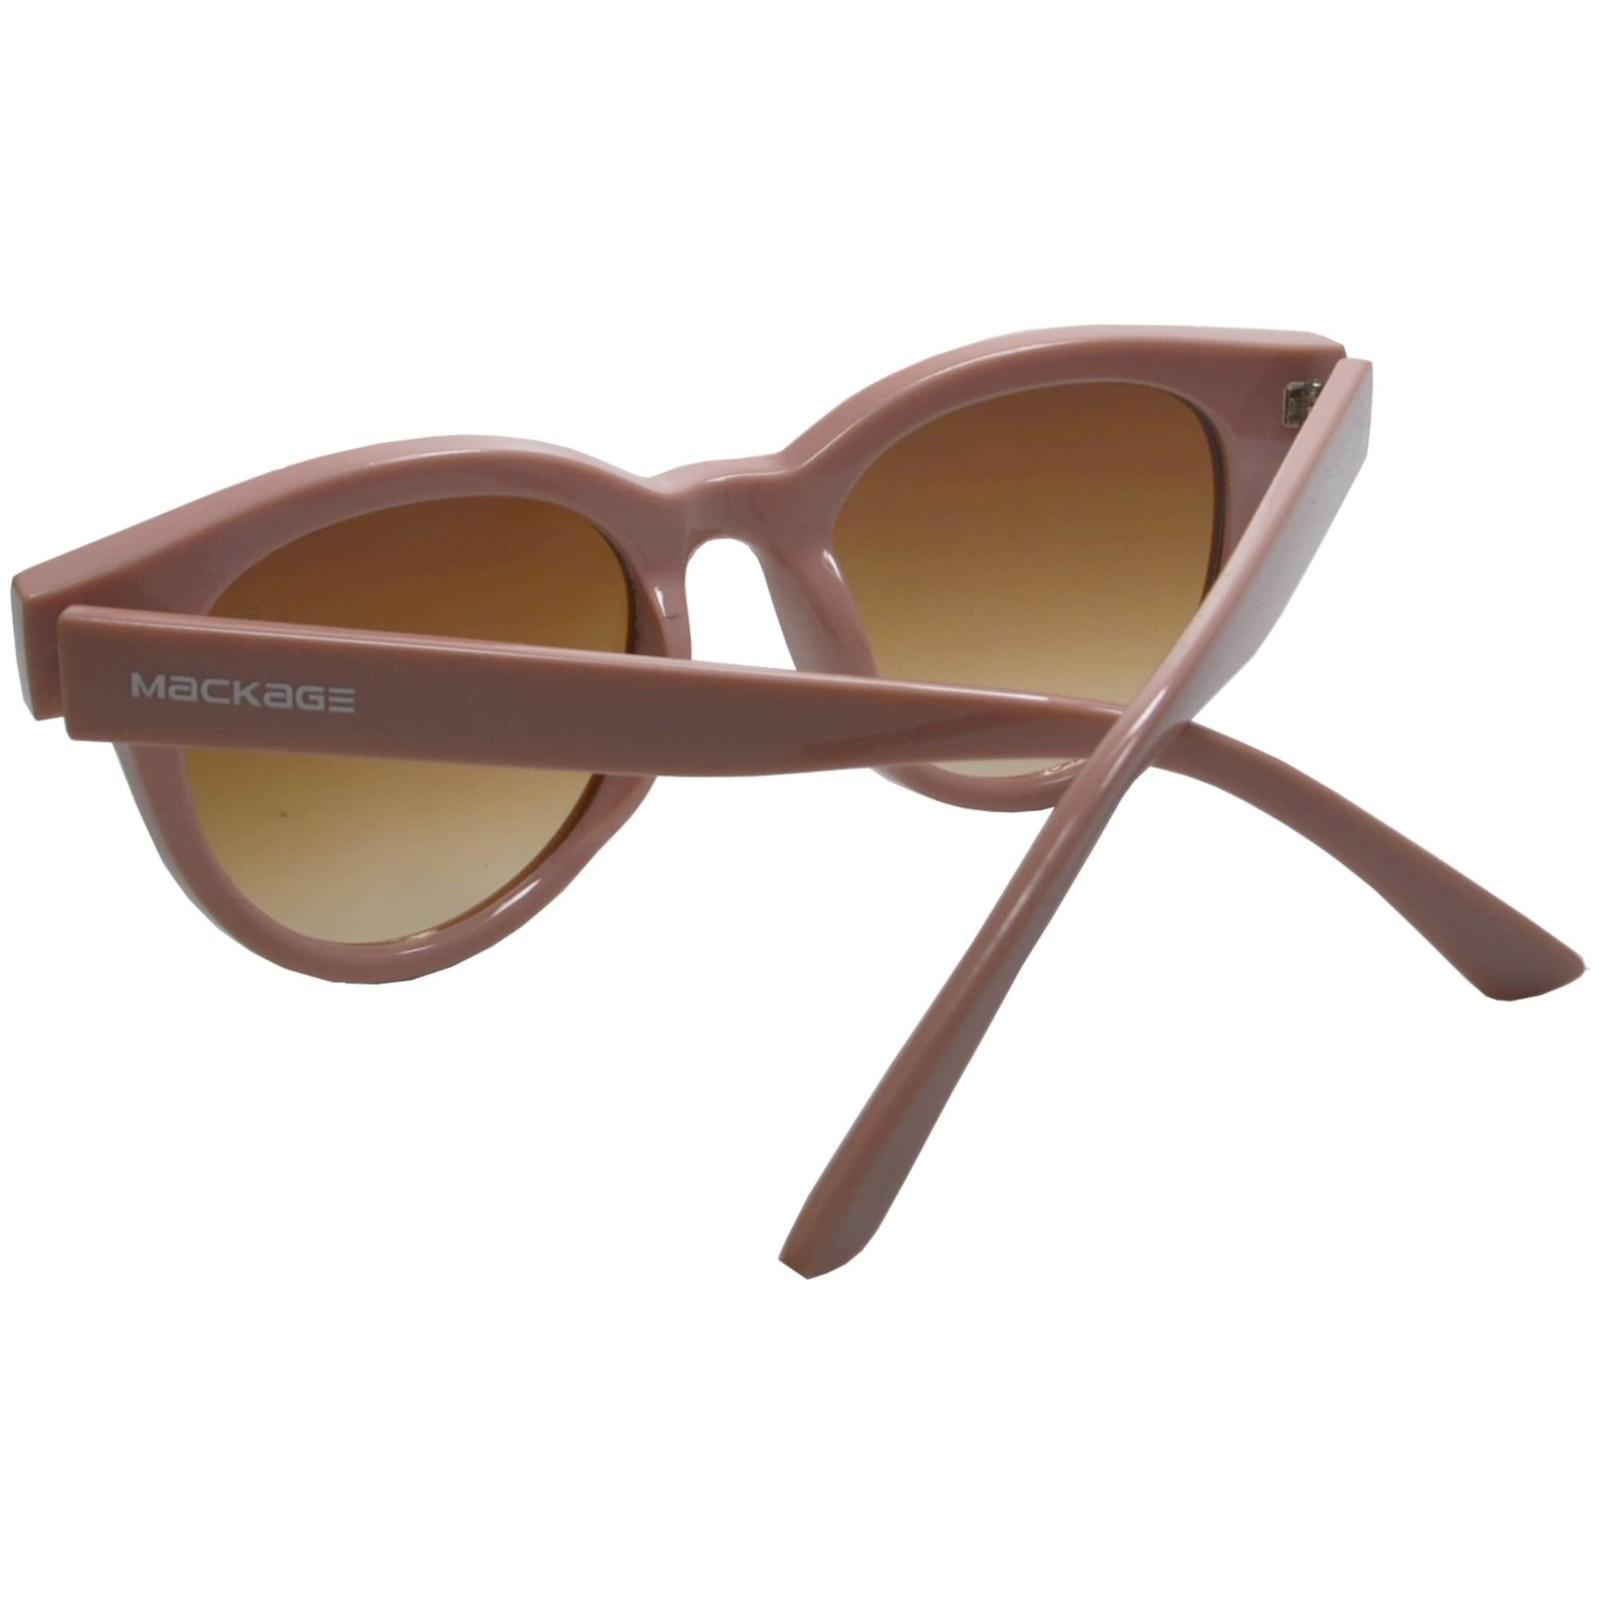 Óculos de Sol Mackage Feminino Acetato Gateado Retro - Nude